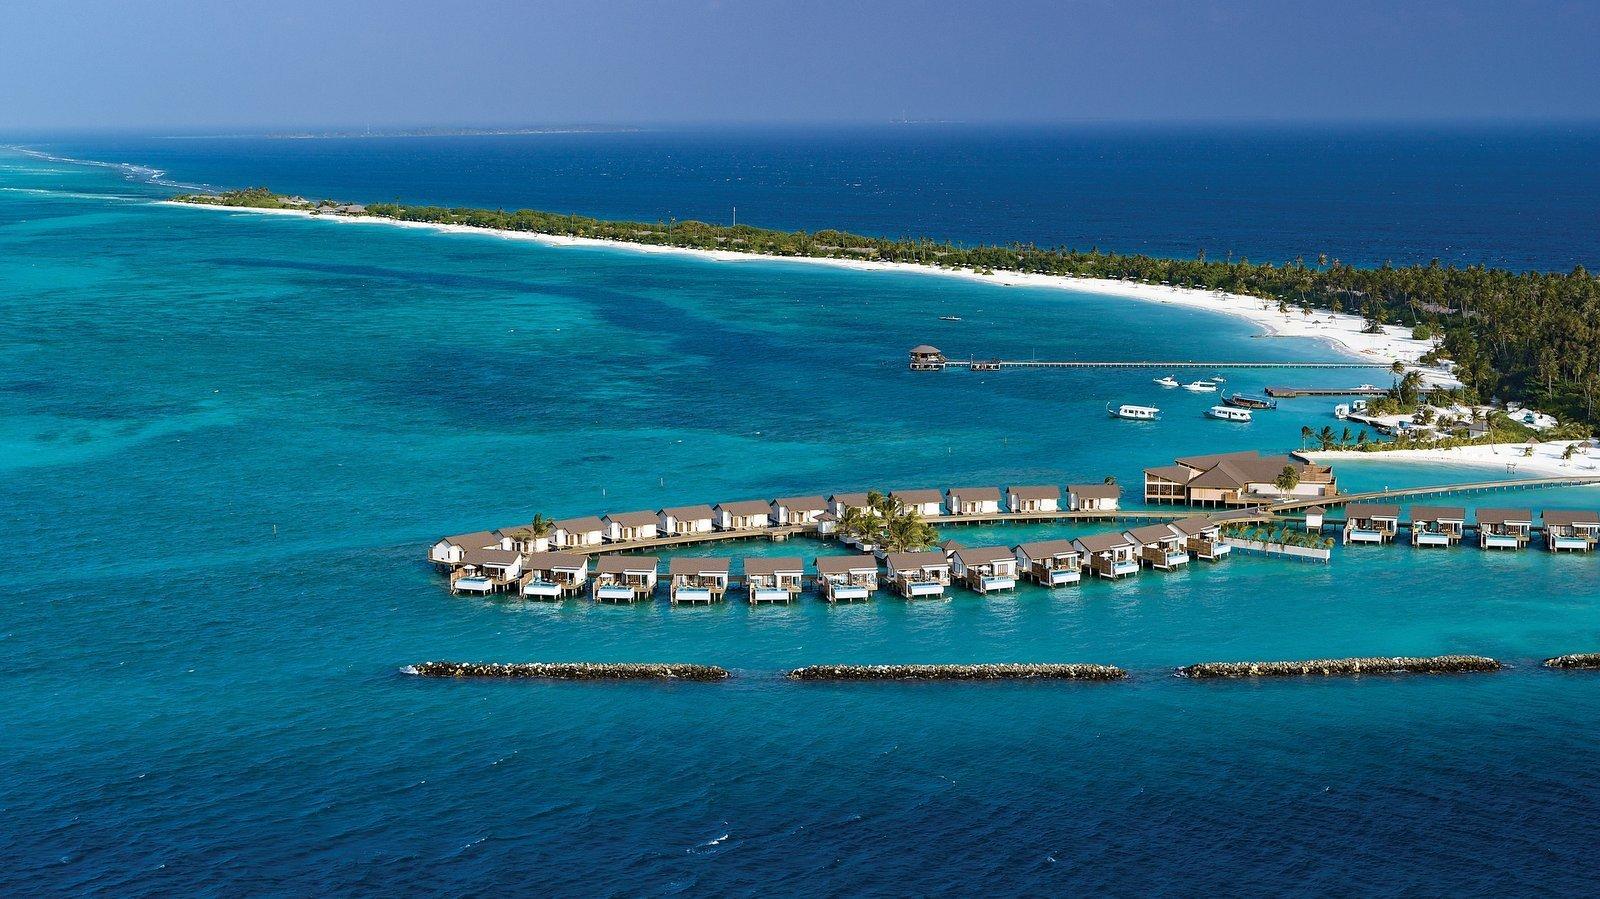 Мальдивы, отель Atmosphere Kanifushi Maldives, водные виллы